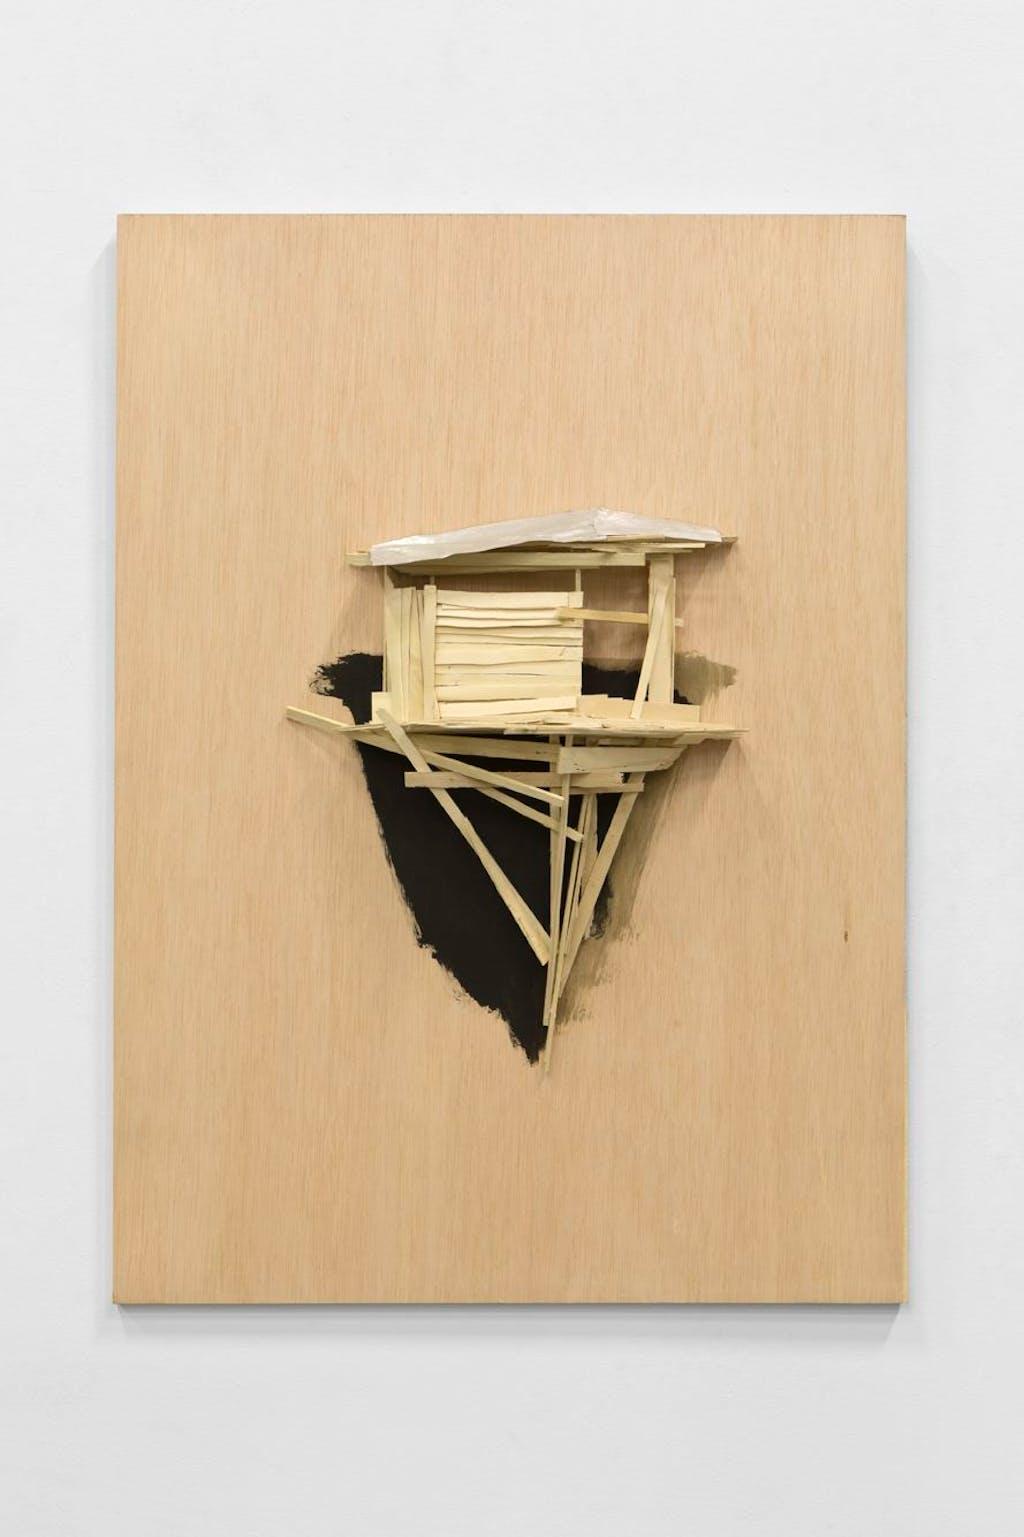 Tree hut plan no35 - © kamel mennour